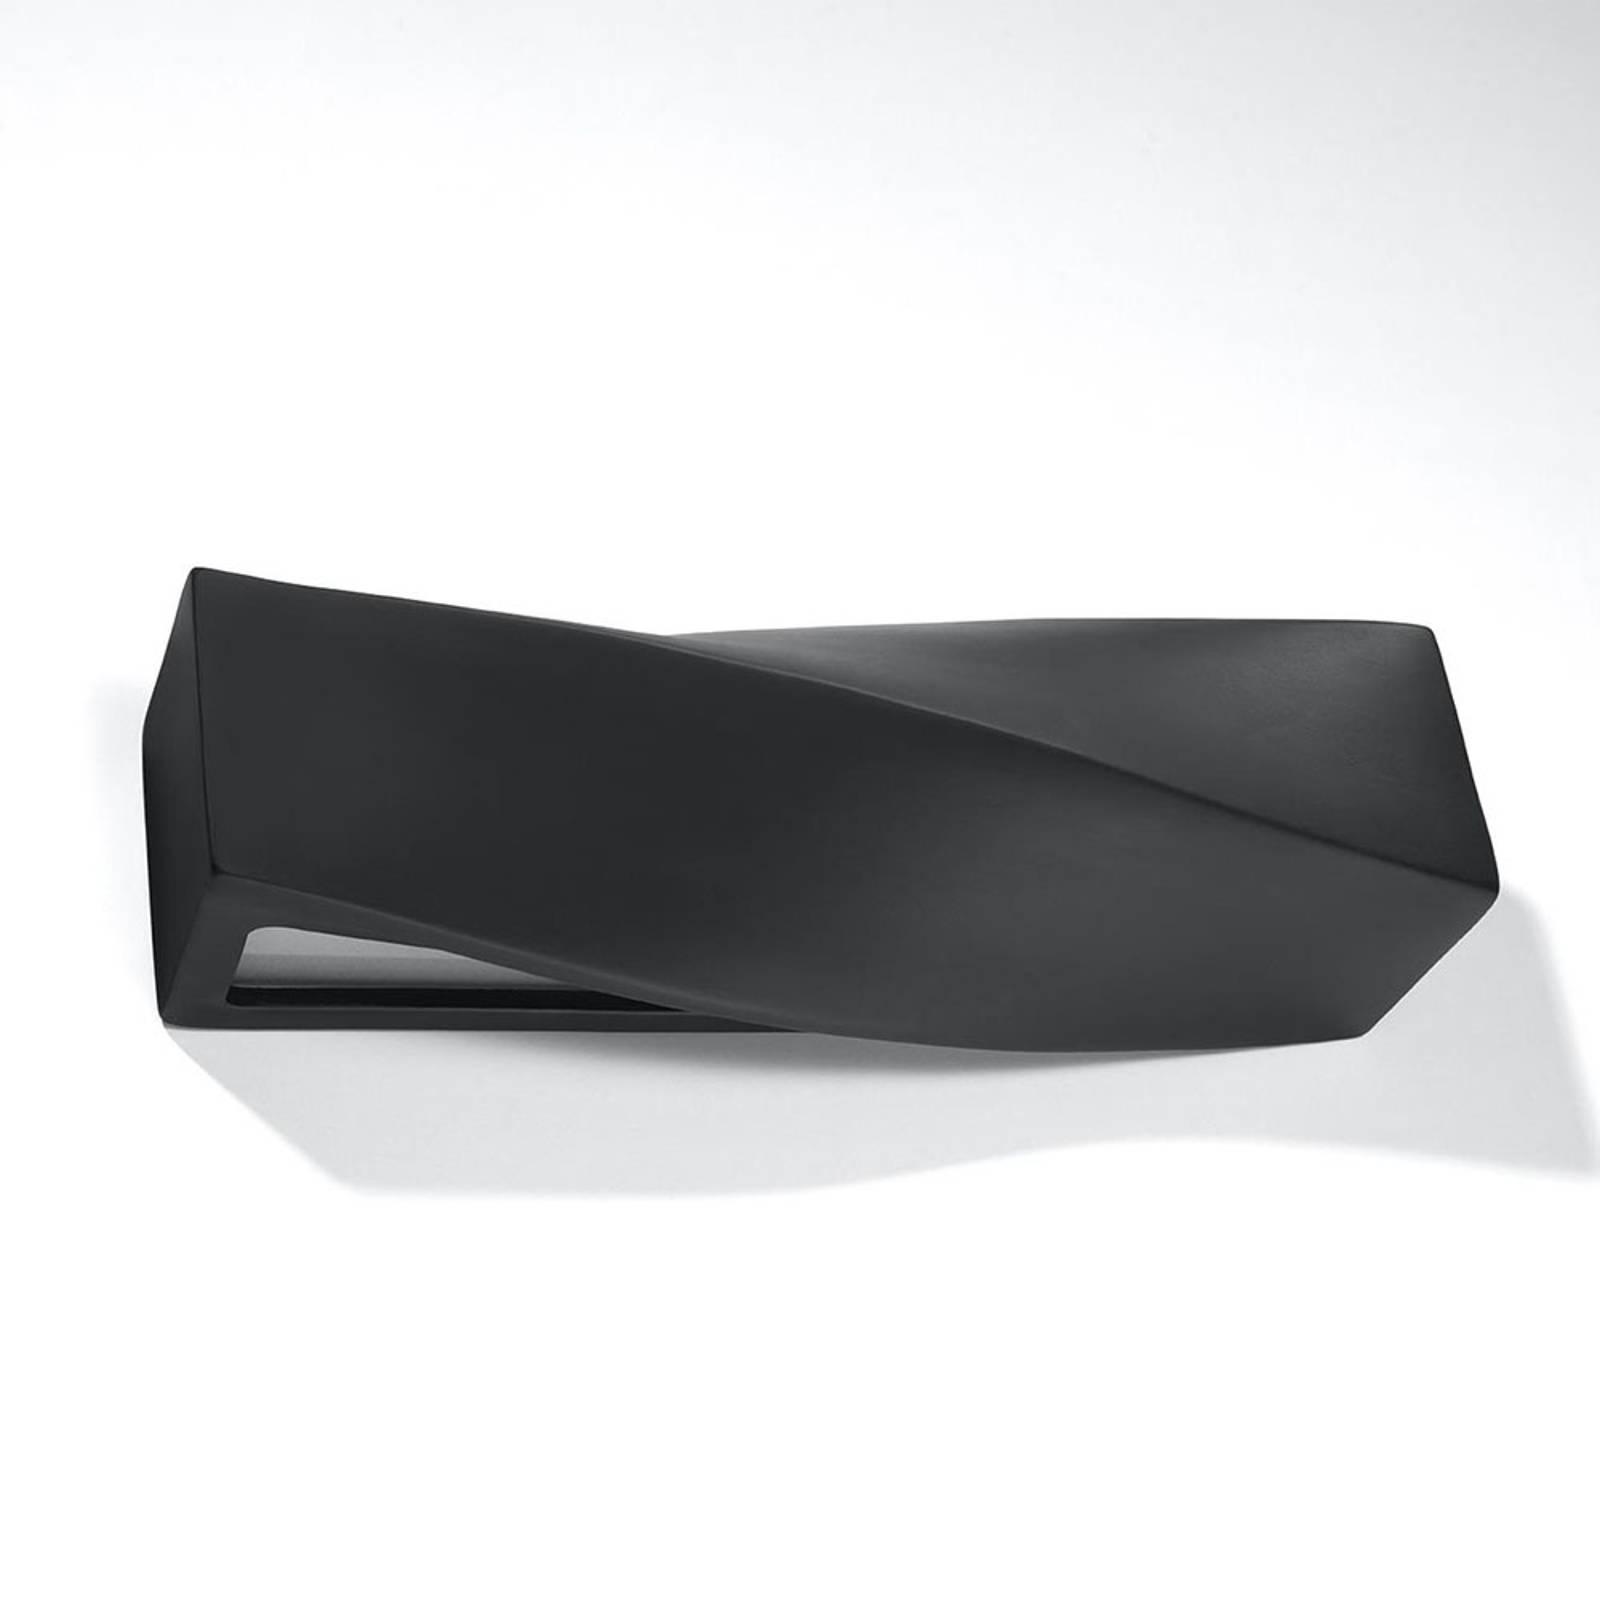 Wandleuchte Turn aus Keramik, up/down, schwarz